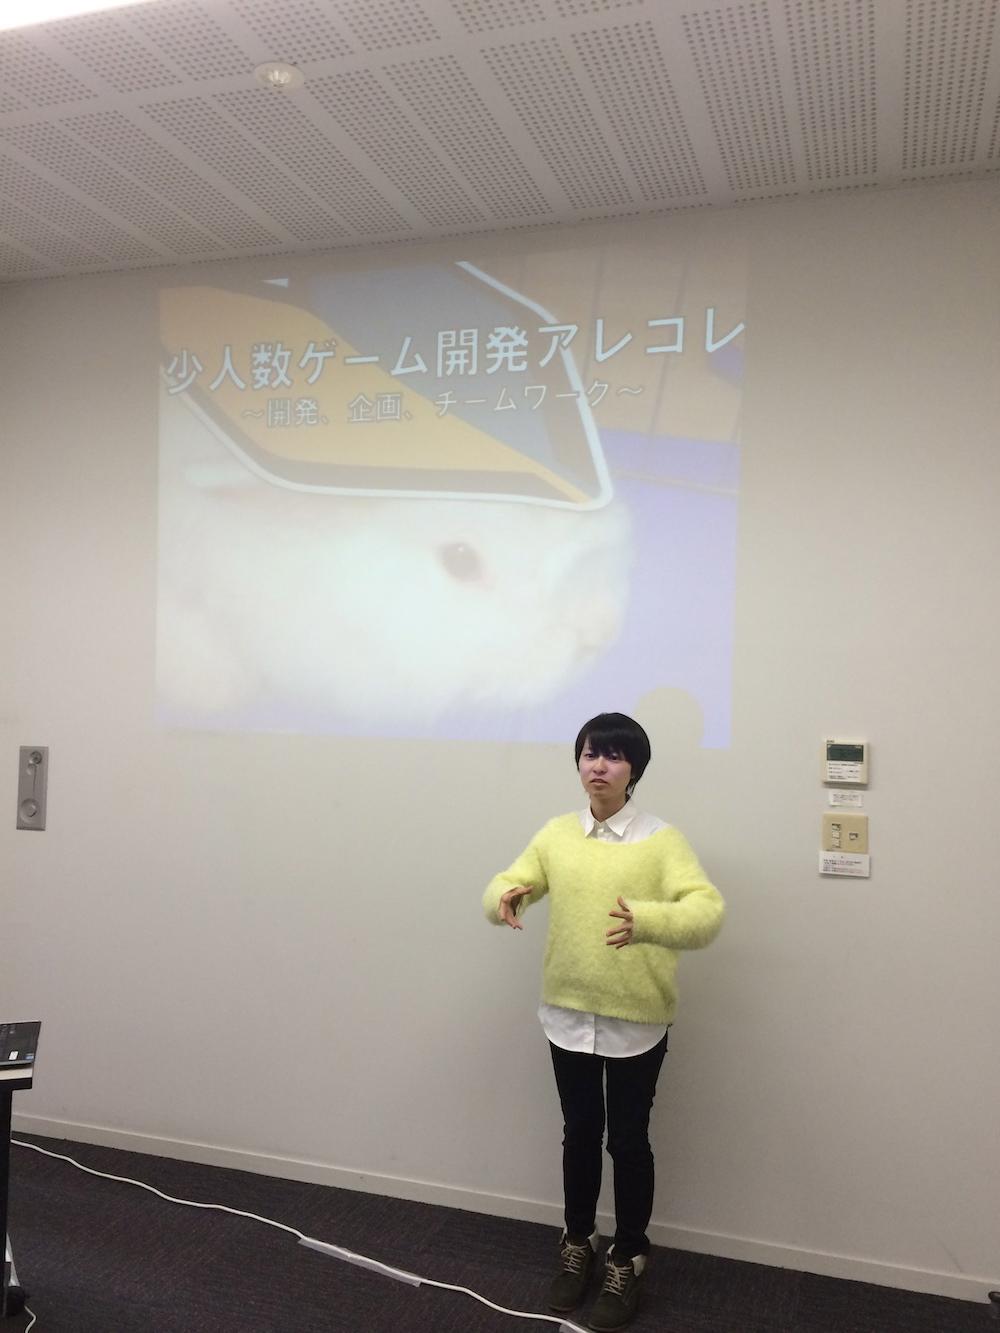 久保章実さん(NHN PlayArt 株式会社)